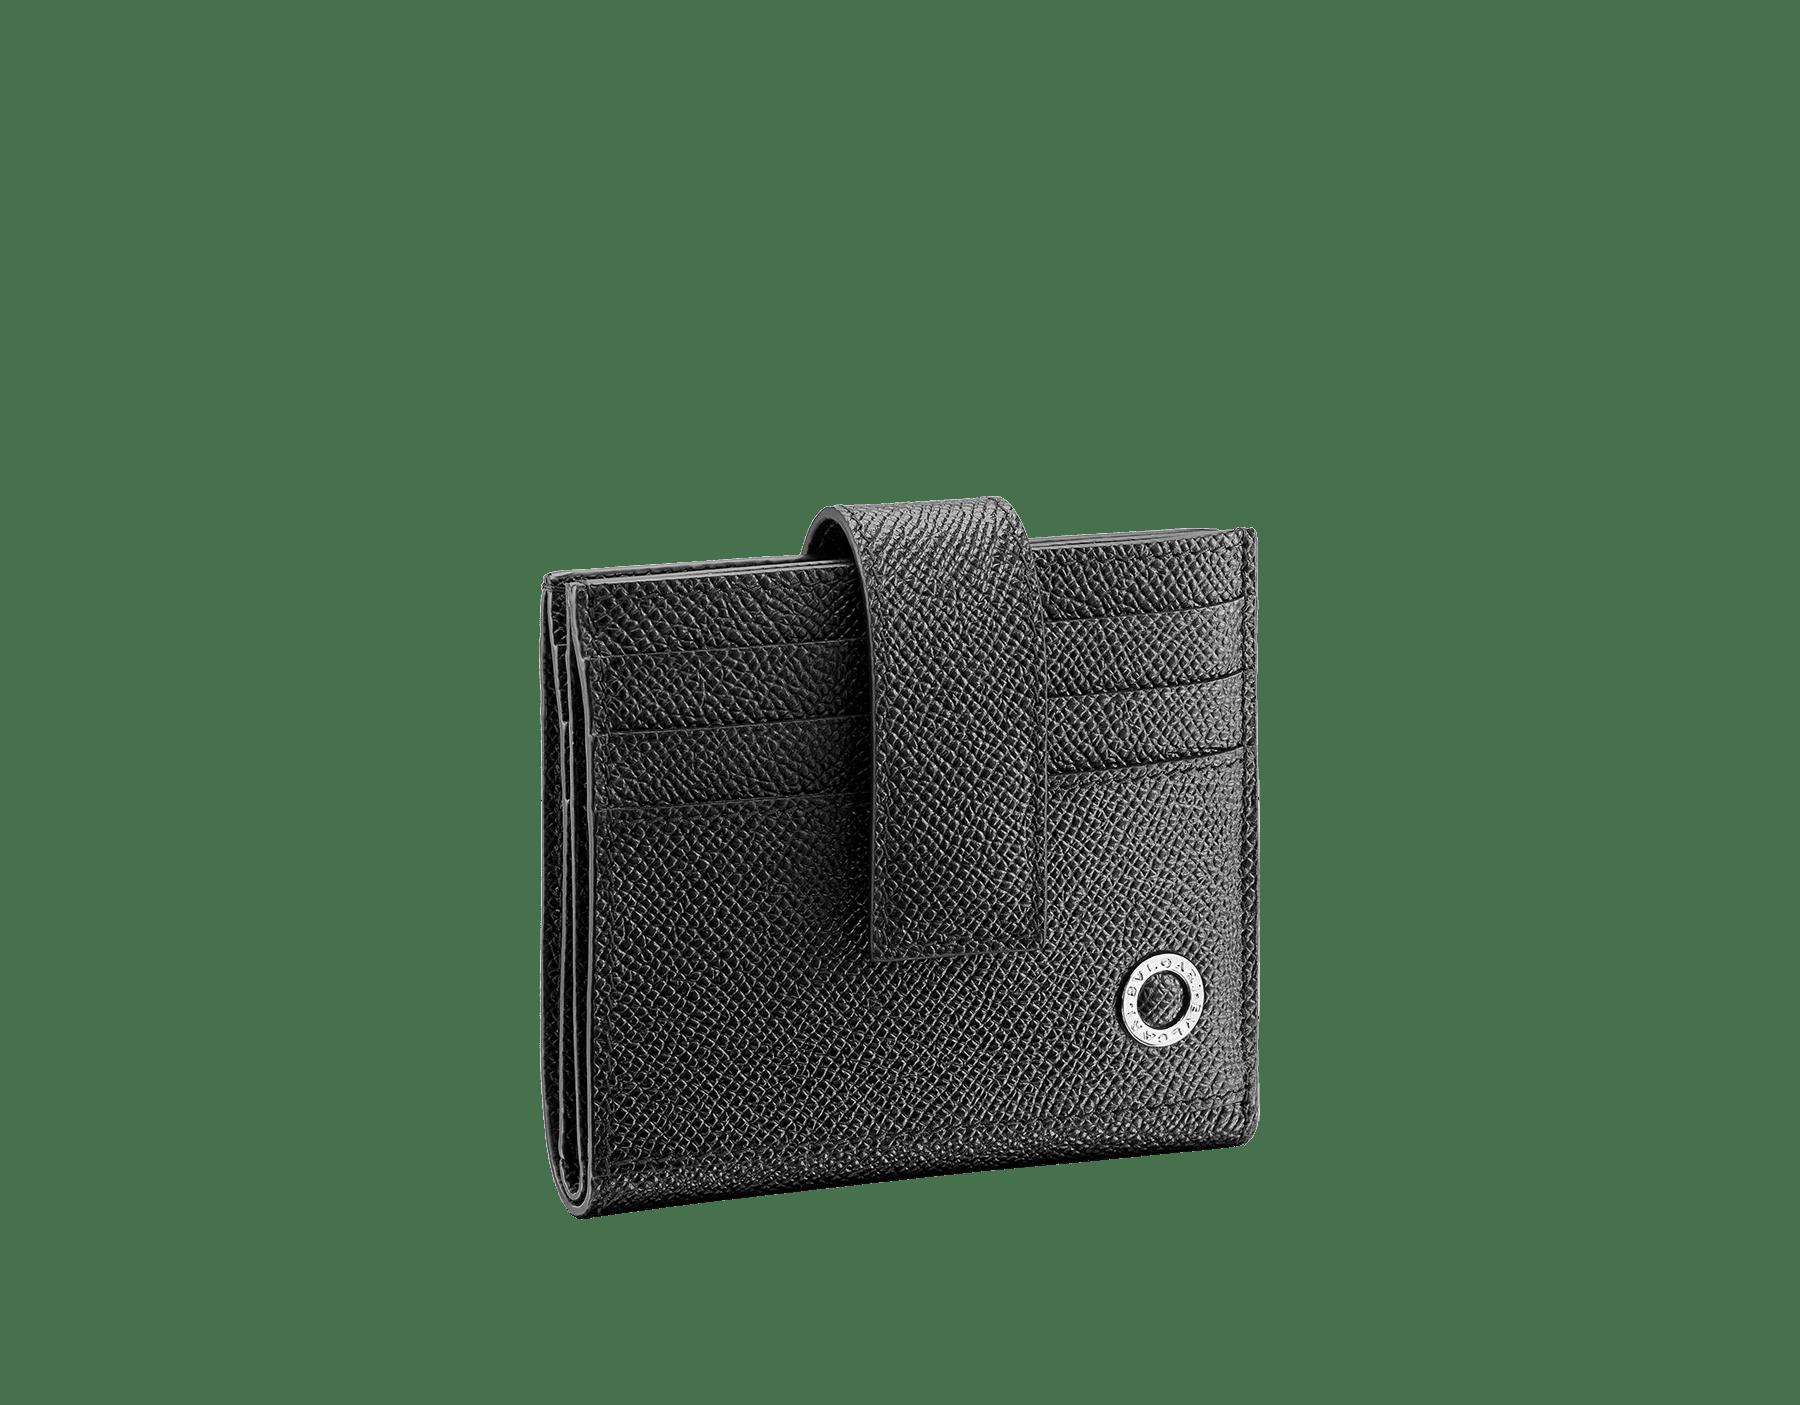 Étui pour cartes BVLGARI BVLGARI en cuir de veau grainé noir. Emblématique logo Bvlgari en laiton. BBM-12CCPOCKET image 1